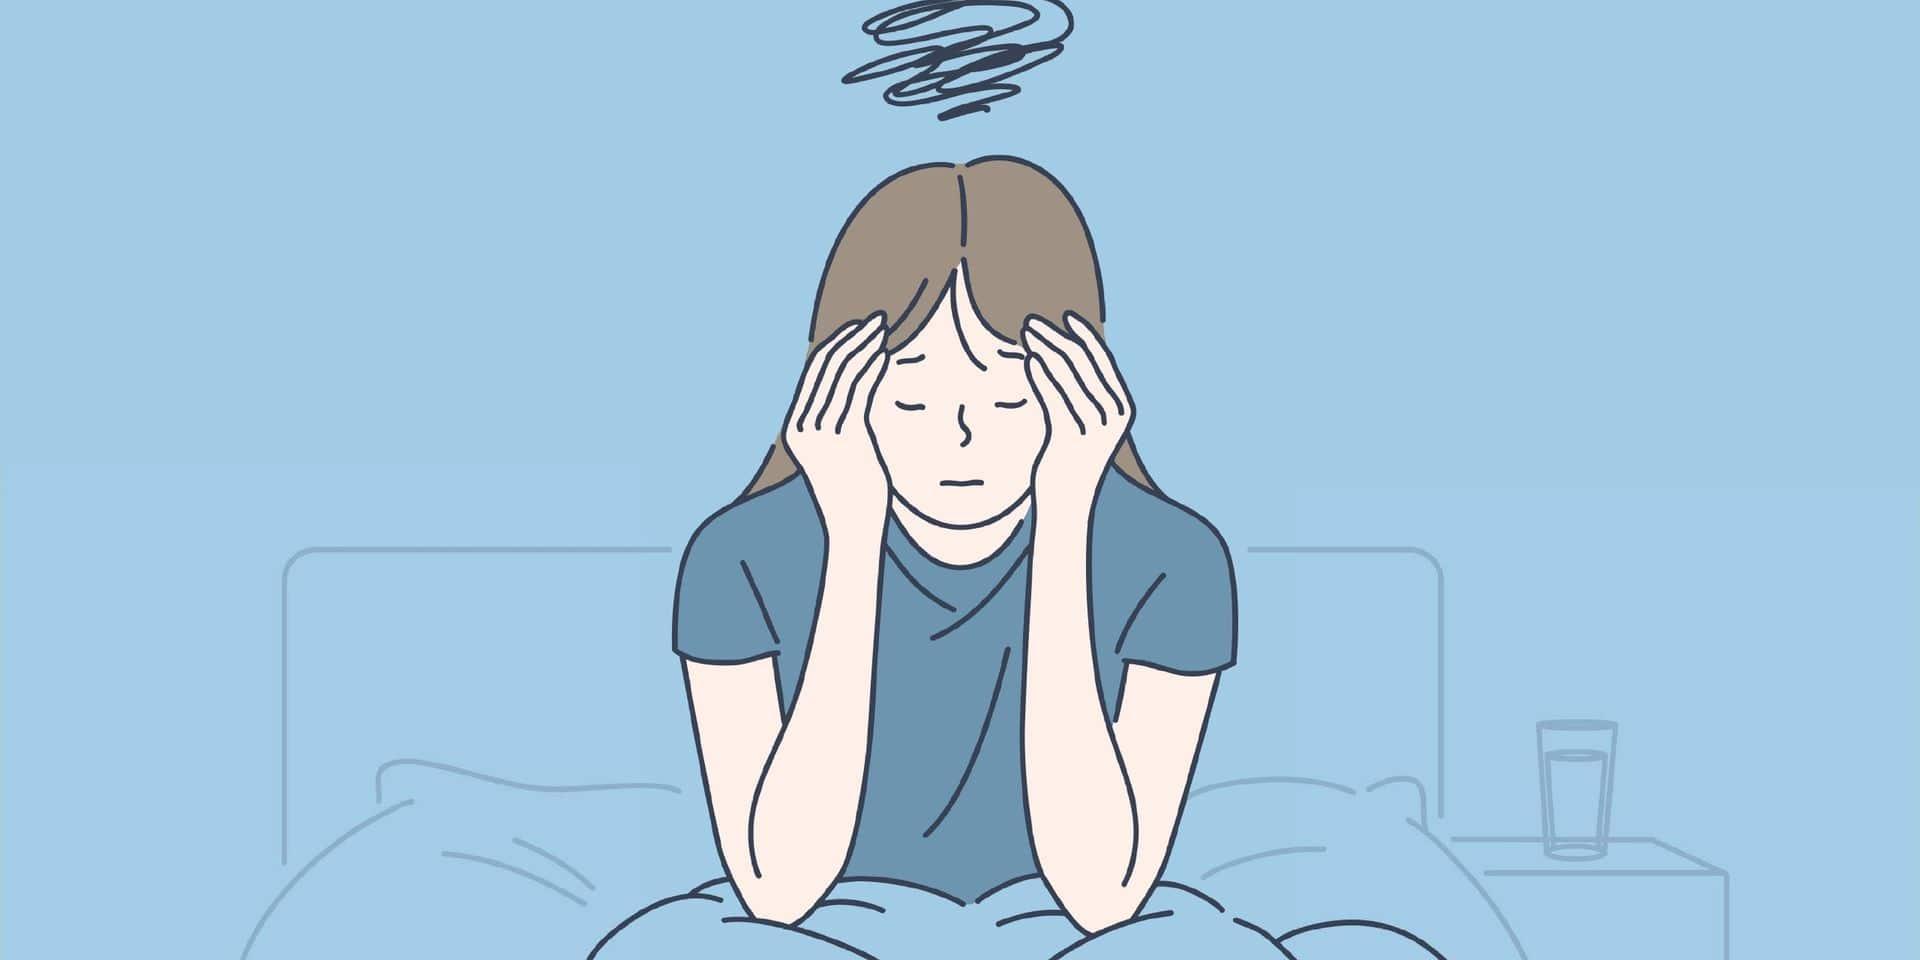 La migraine est bien une maladie : si l'on ne peut en guérir, la traiter permet de s'en soulager et la gérer